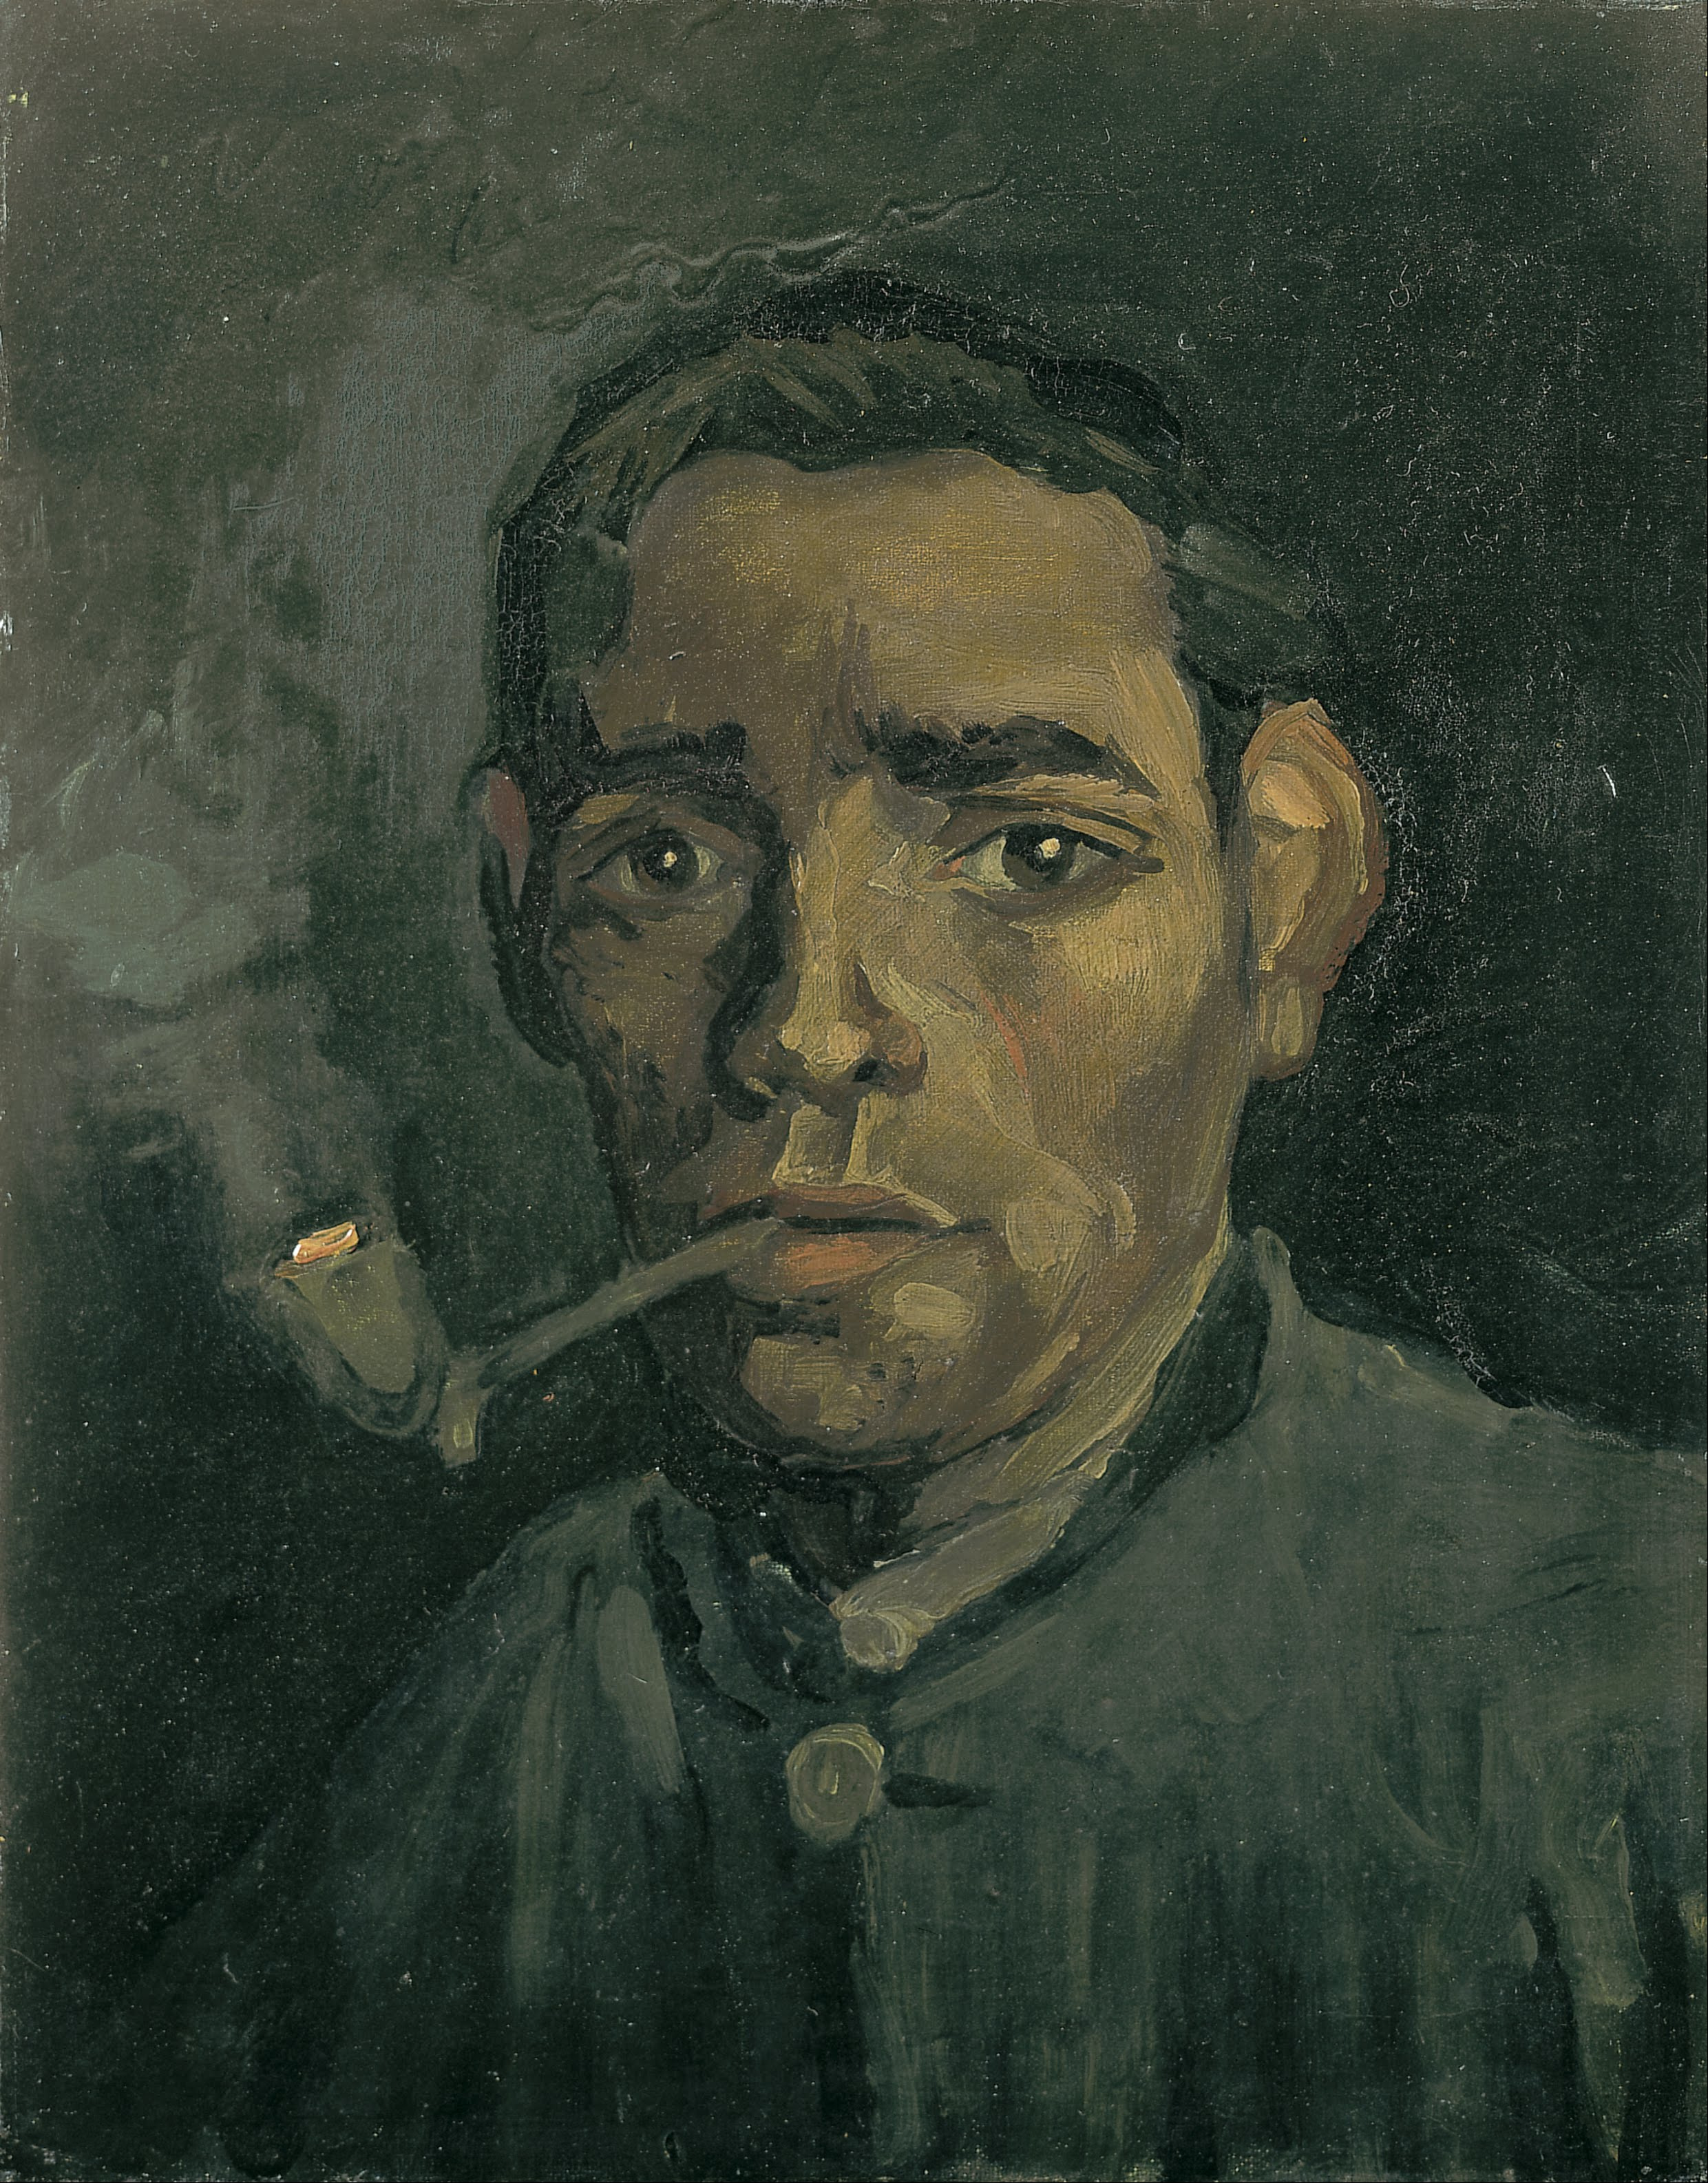 Vincent Van Gogh We Must Make The Painting Speak